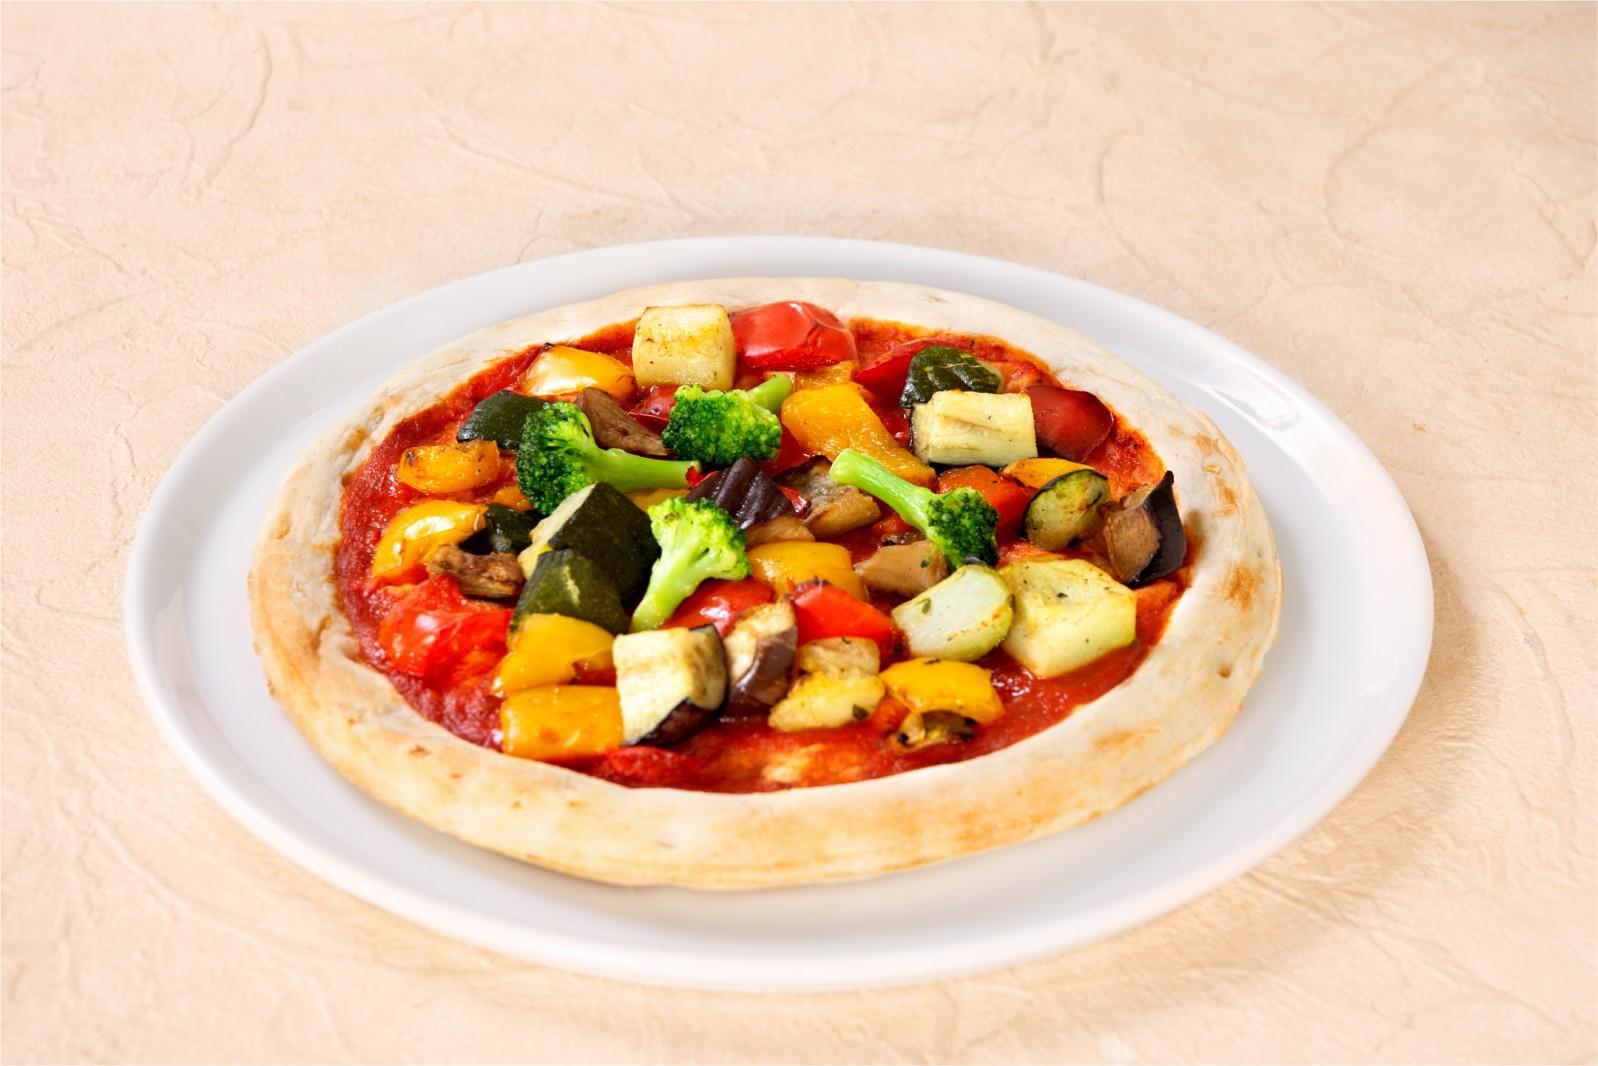 冷凍ピザに新提案!!「デルソーレ 野菜ピザ」 なんと!カリフラワーライス配合クラストに野菜トッピング